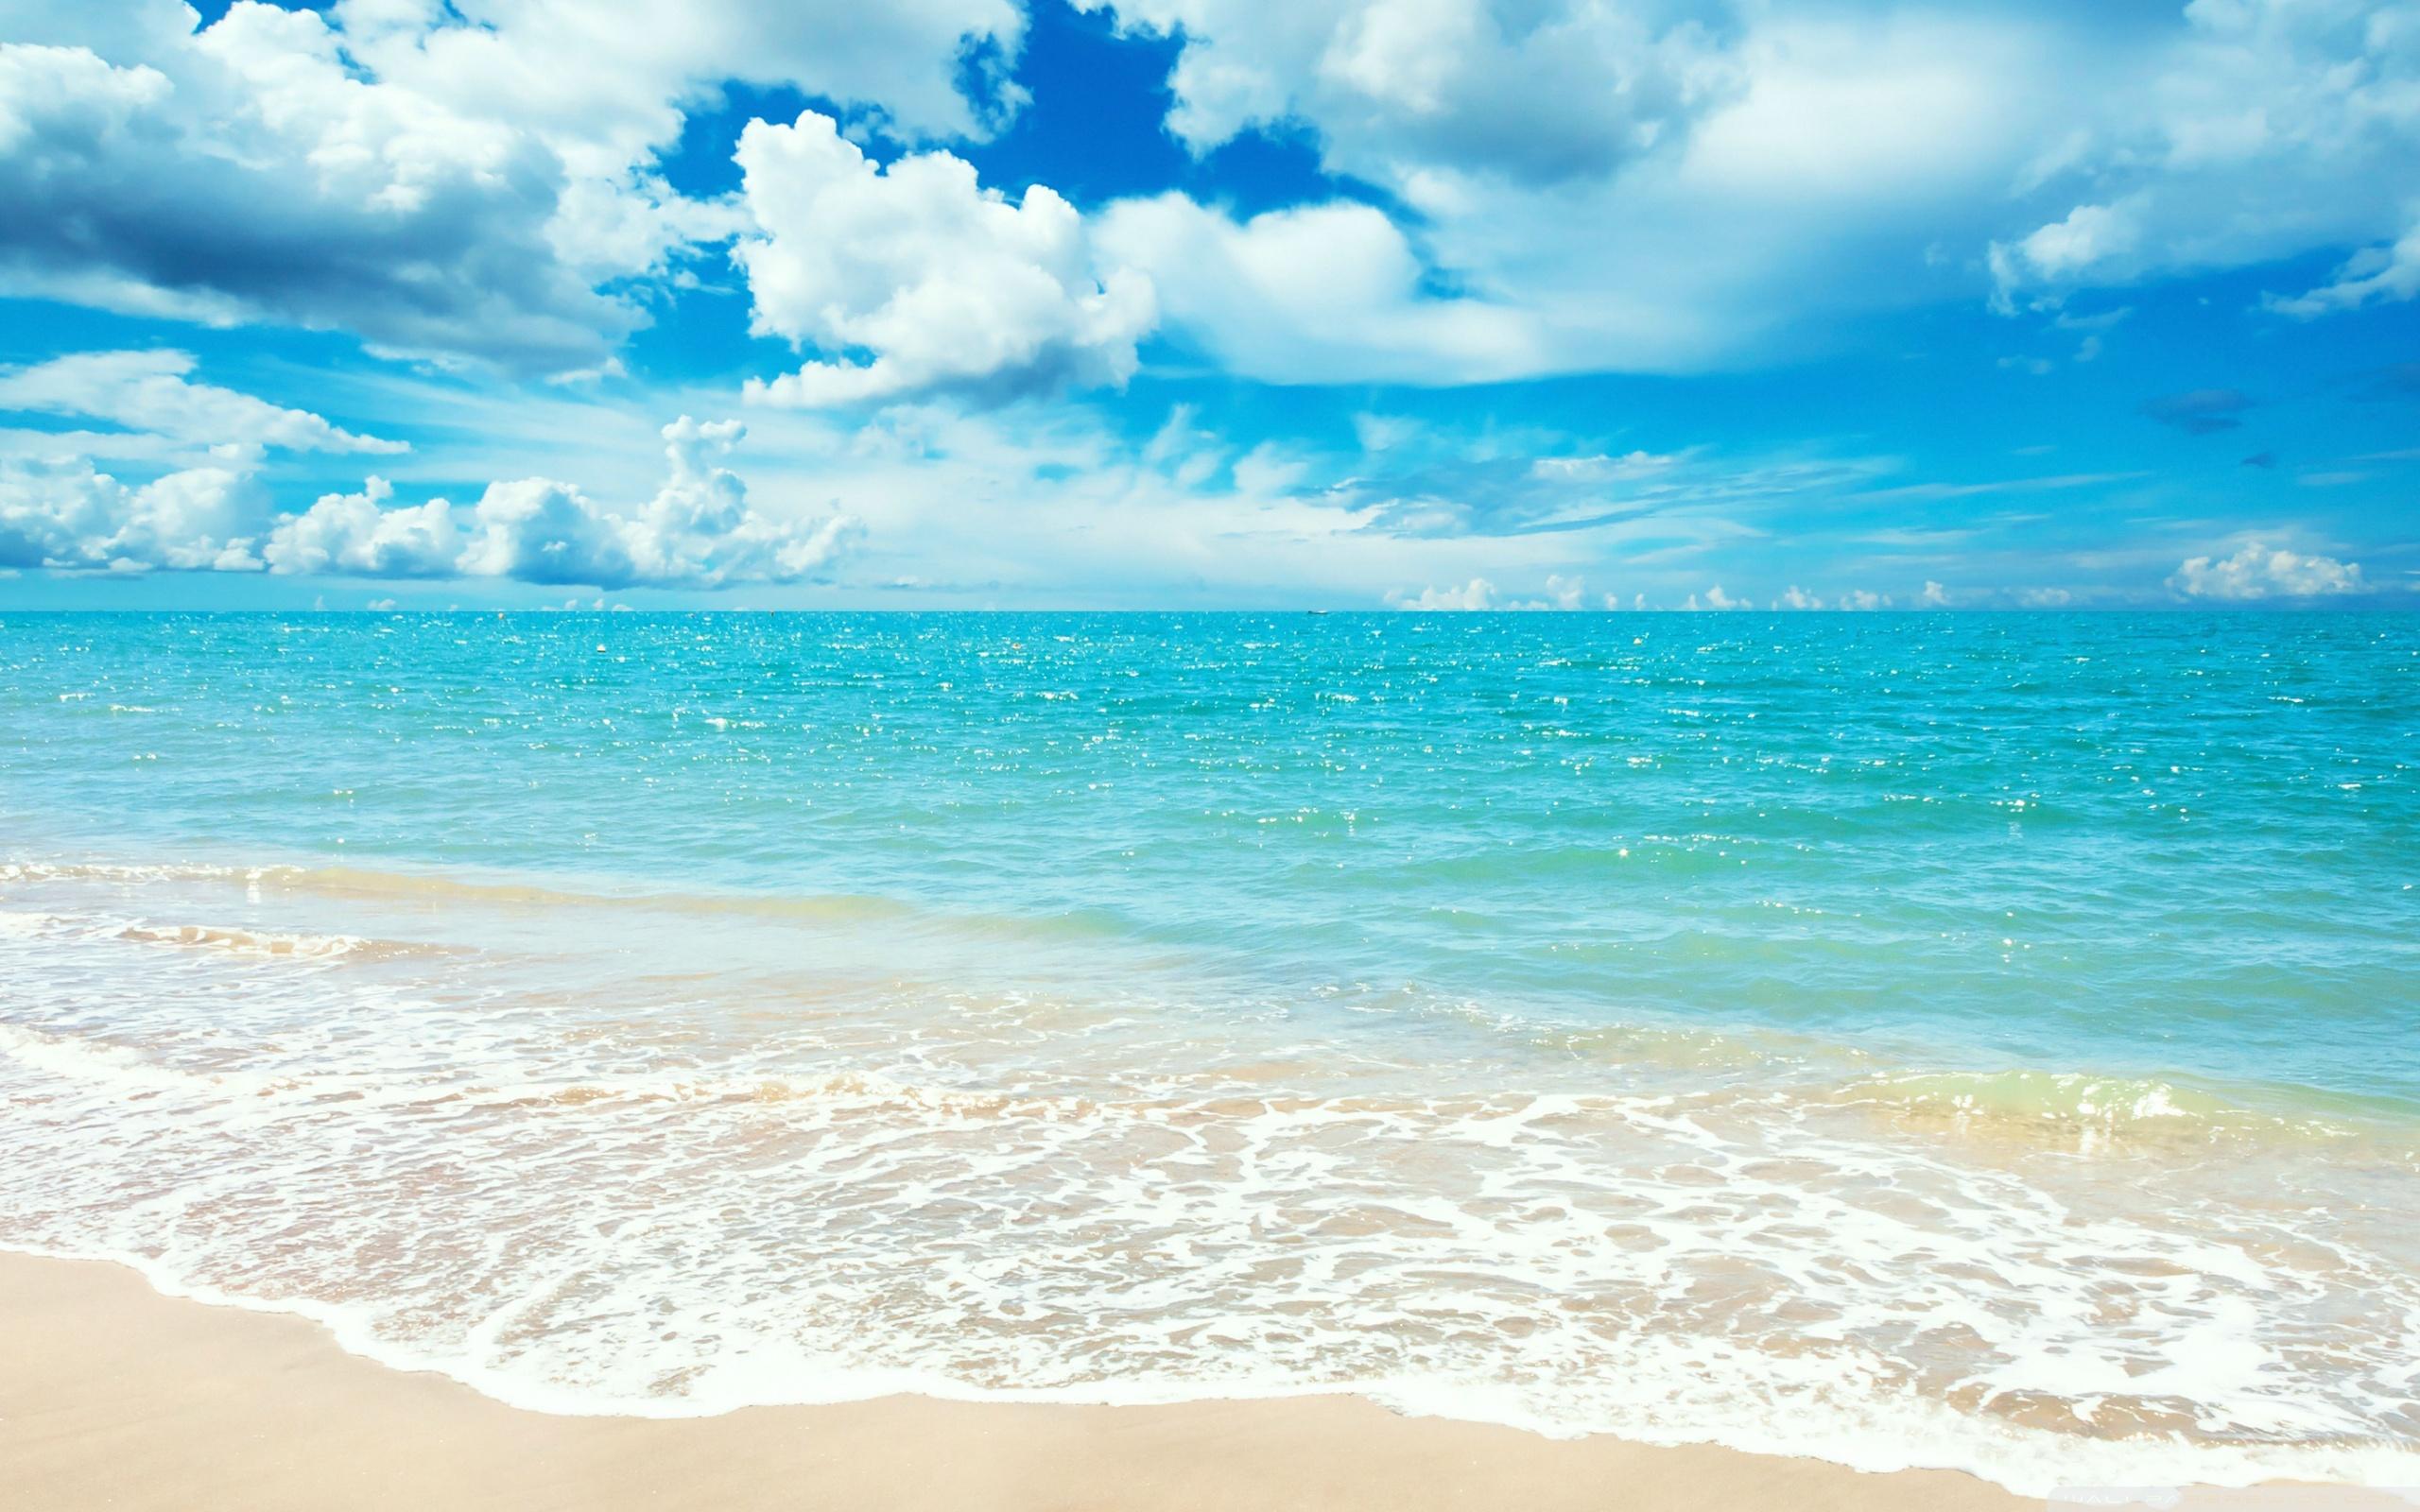 Beach HD desktop wallpaper